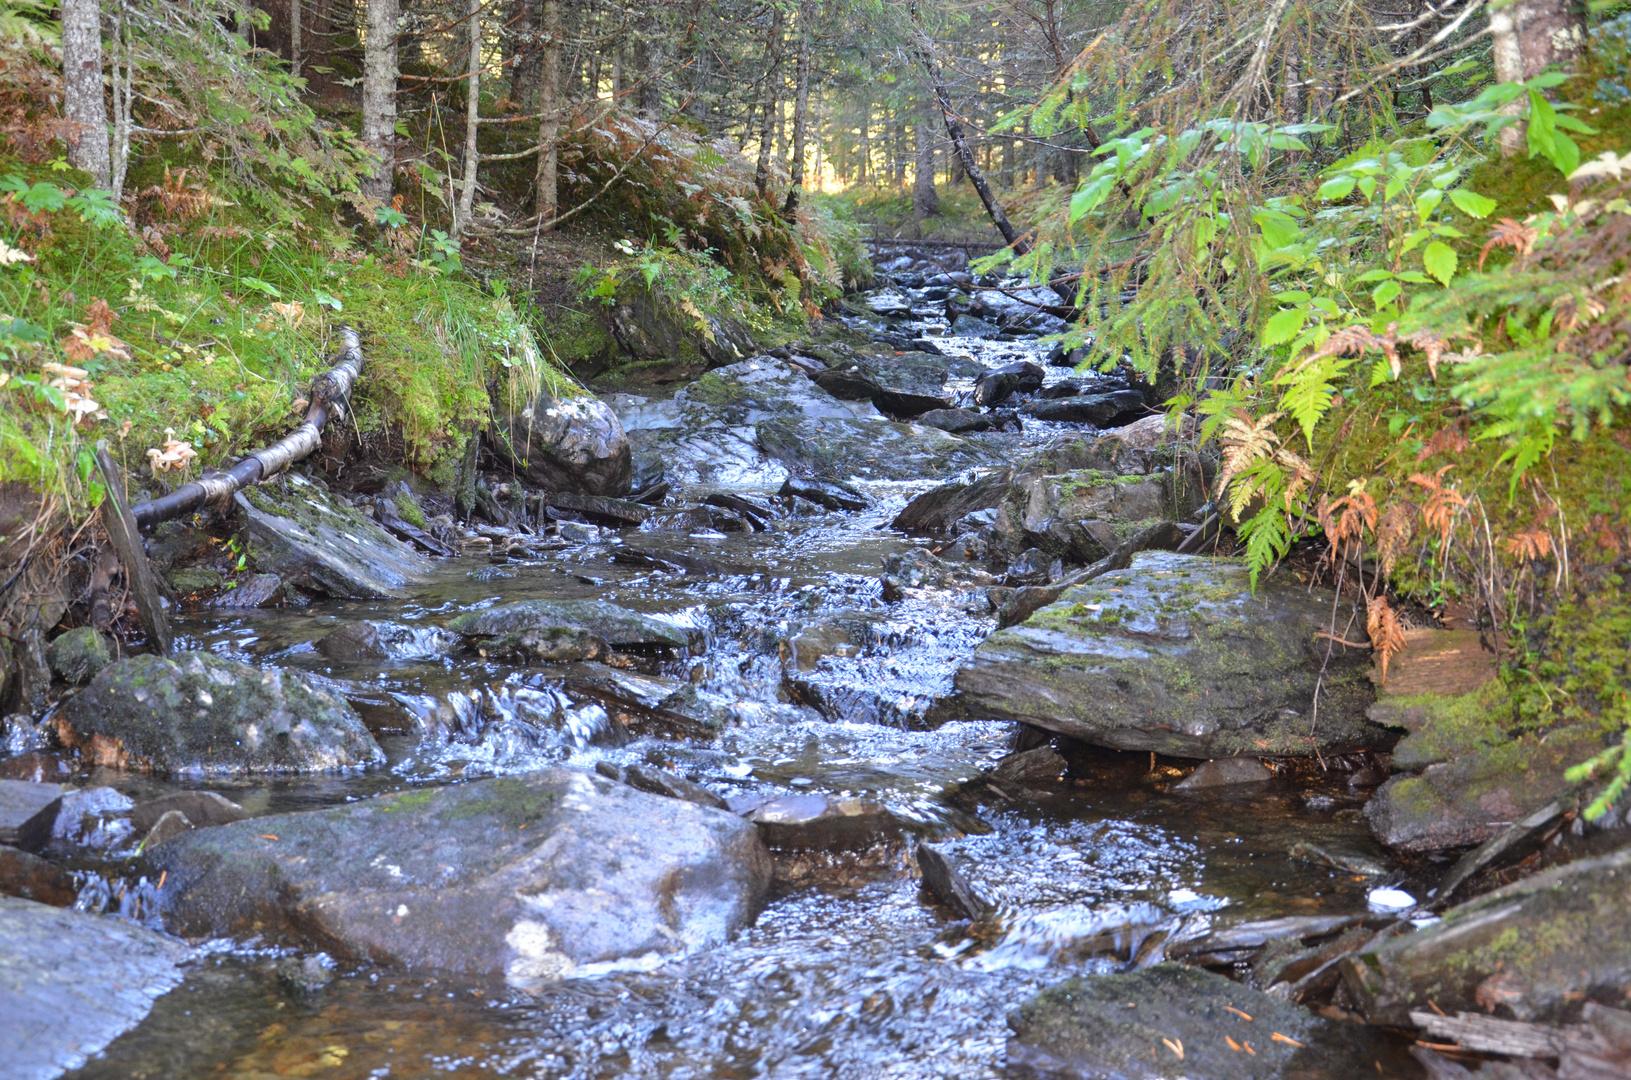 Bachlauf in den Bergen Mittelnorwegens